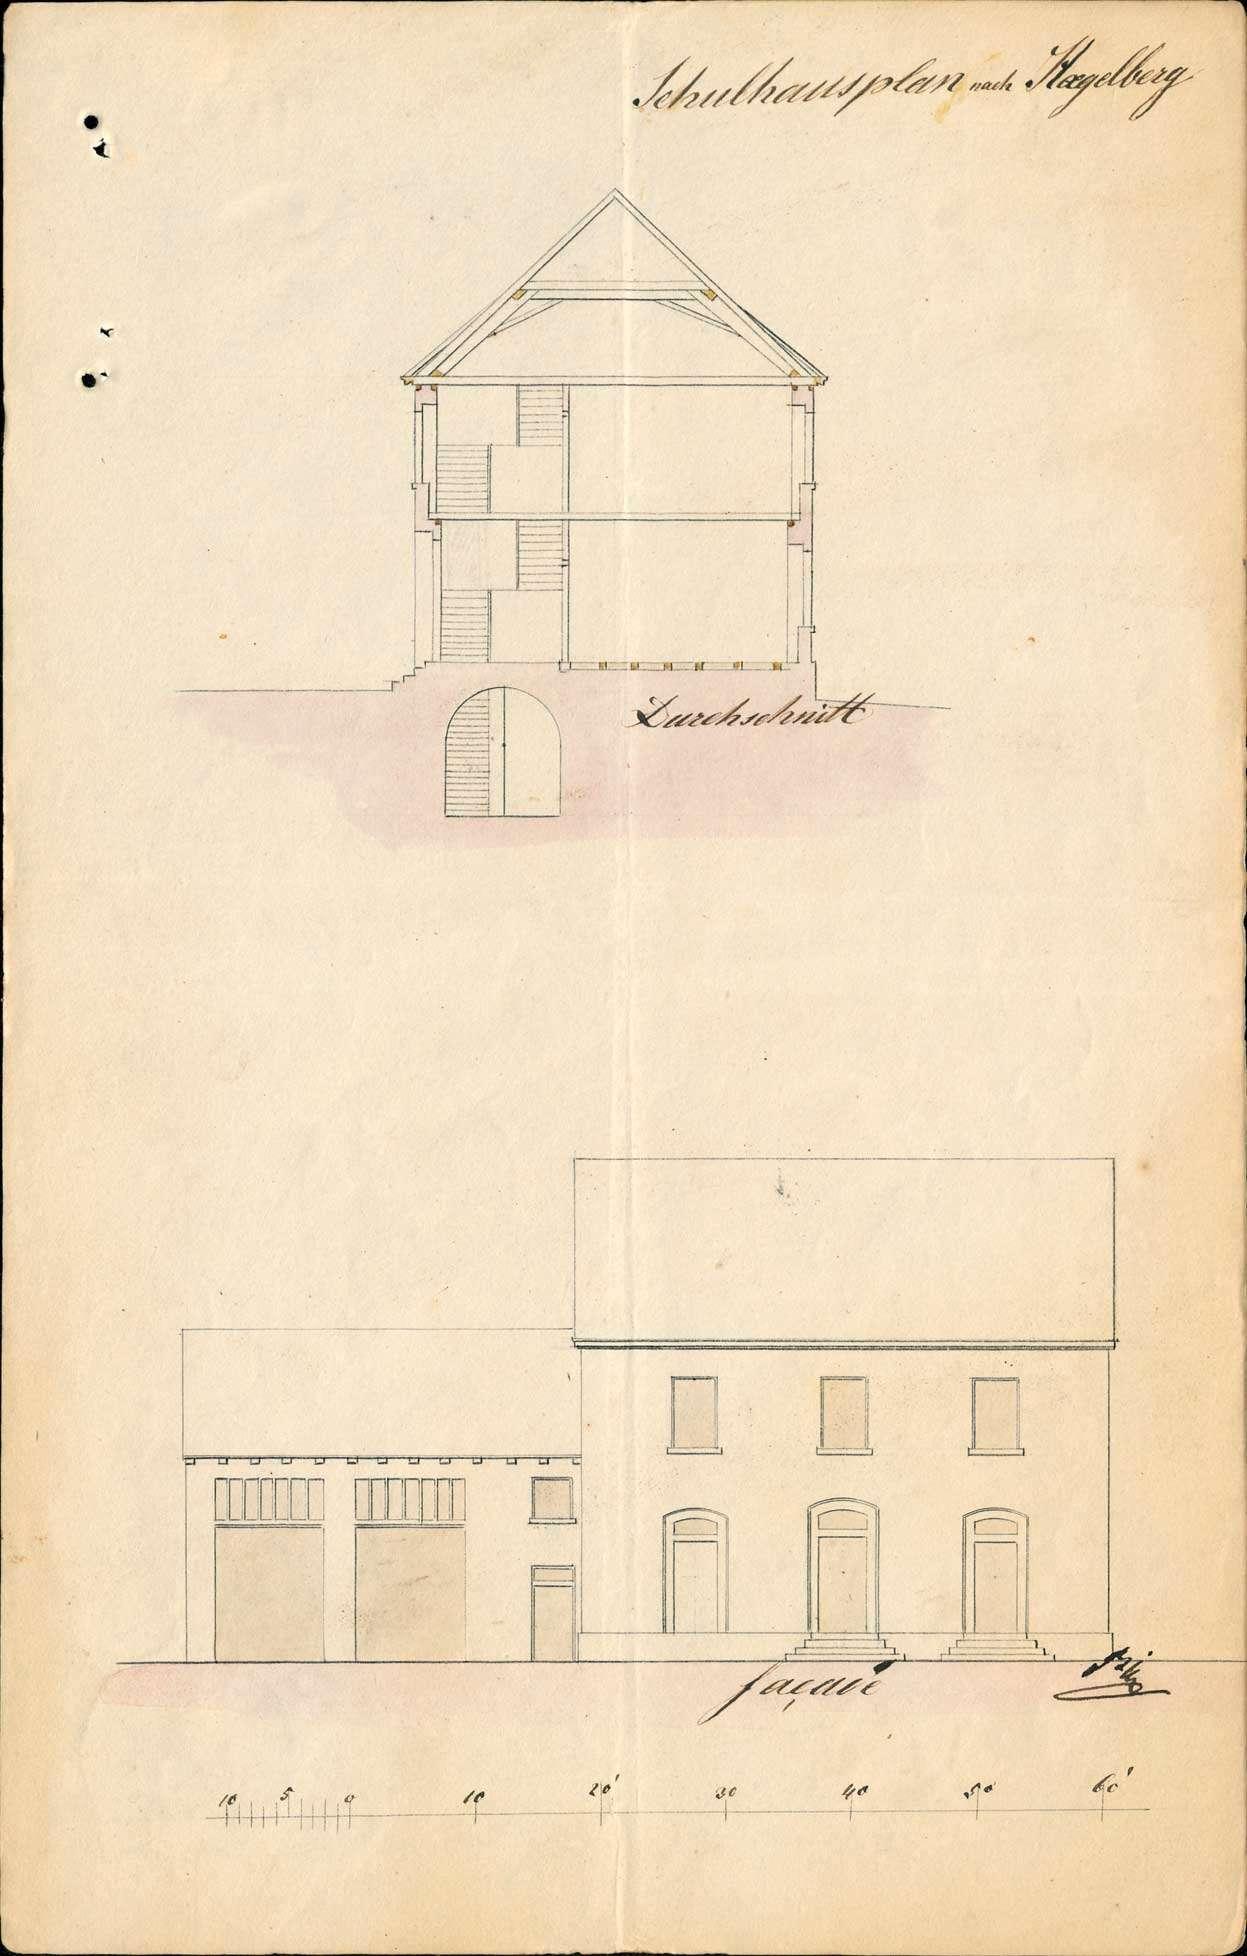 Erbauung und Unterhaltung des Schul- und Gemeindehauses zu Hägelberg, Bild 3